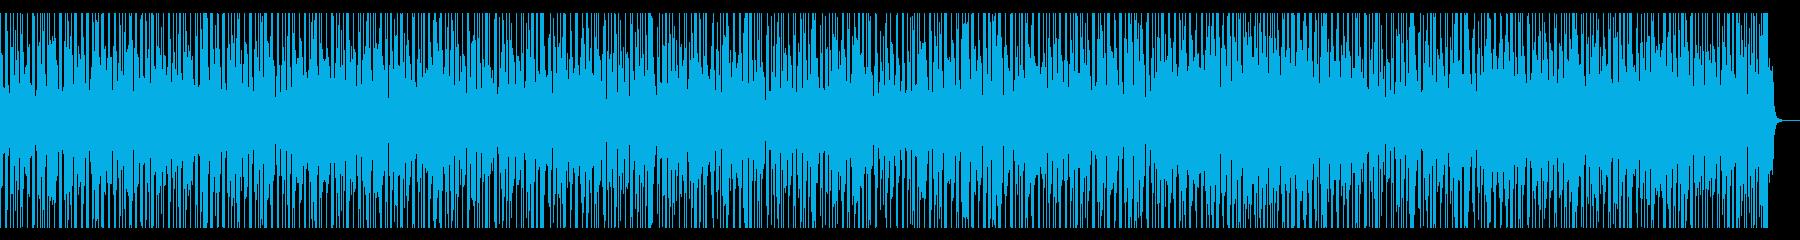 ファンクギター怪しい雰囲気の再生済みの波形